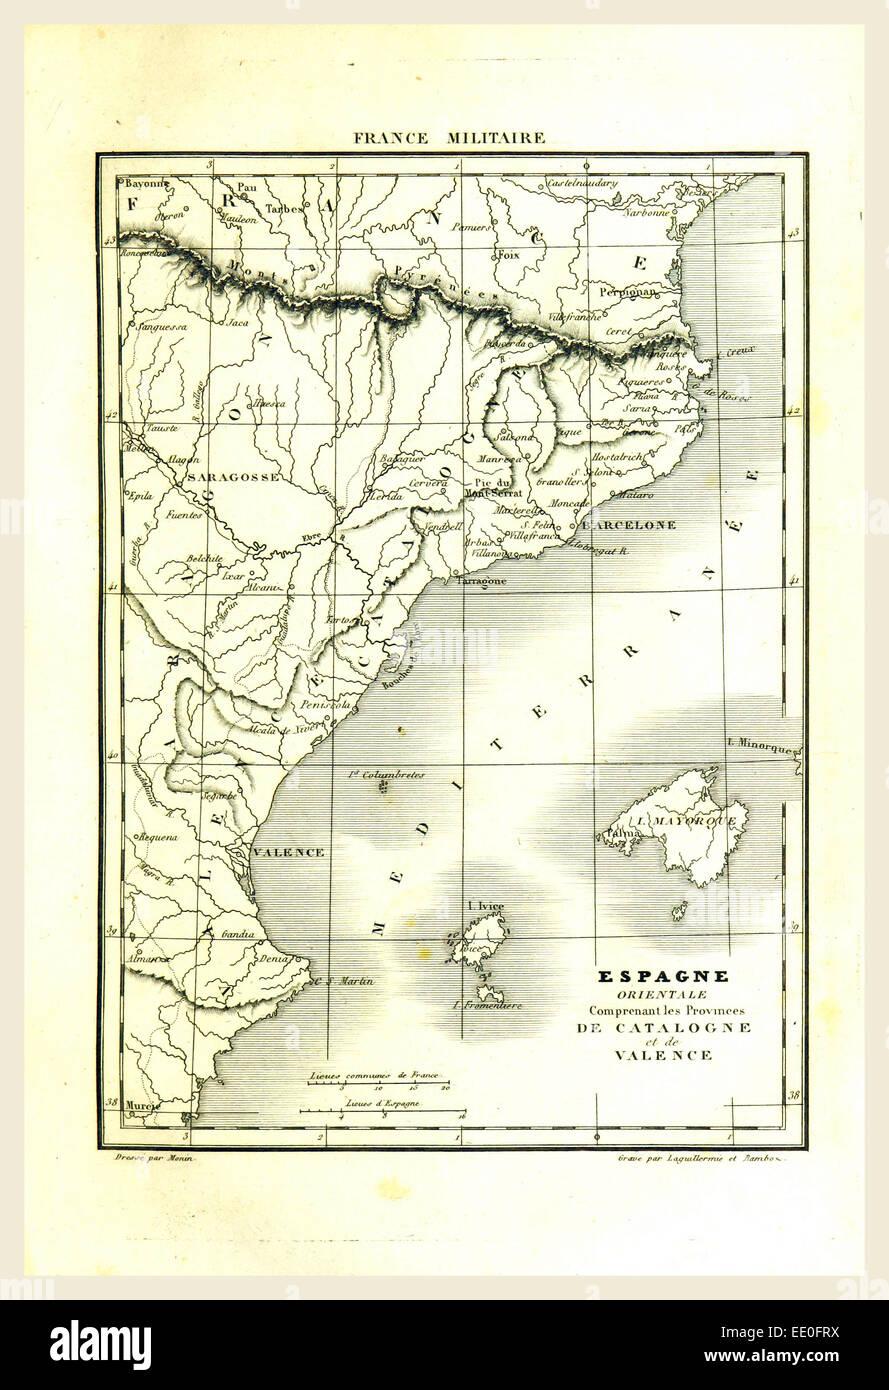 Karte, Spanien, Katalonien, Valencia, 19. Jahrhundert Gravur Stockbild